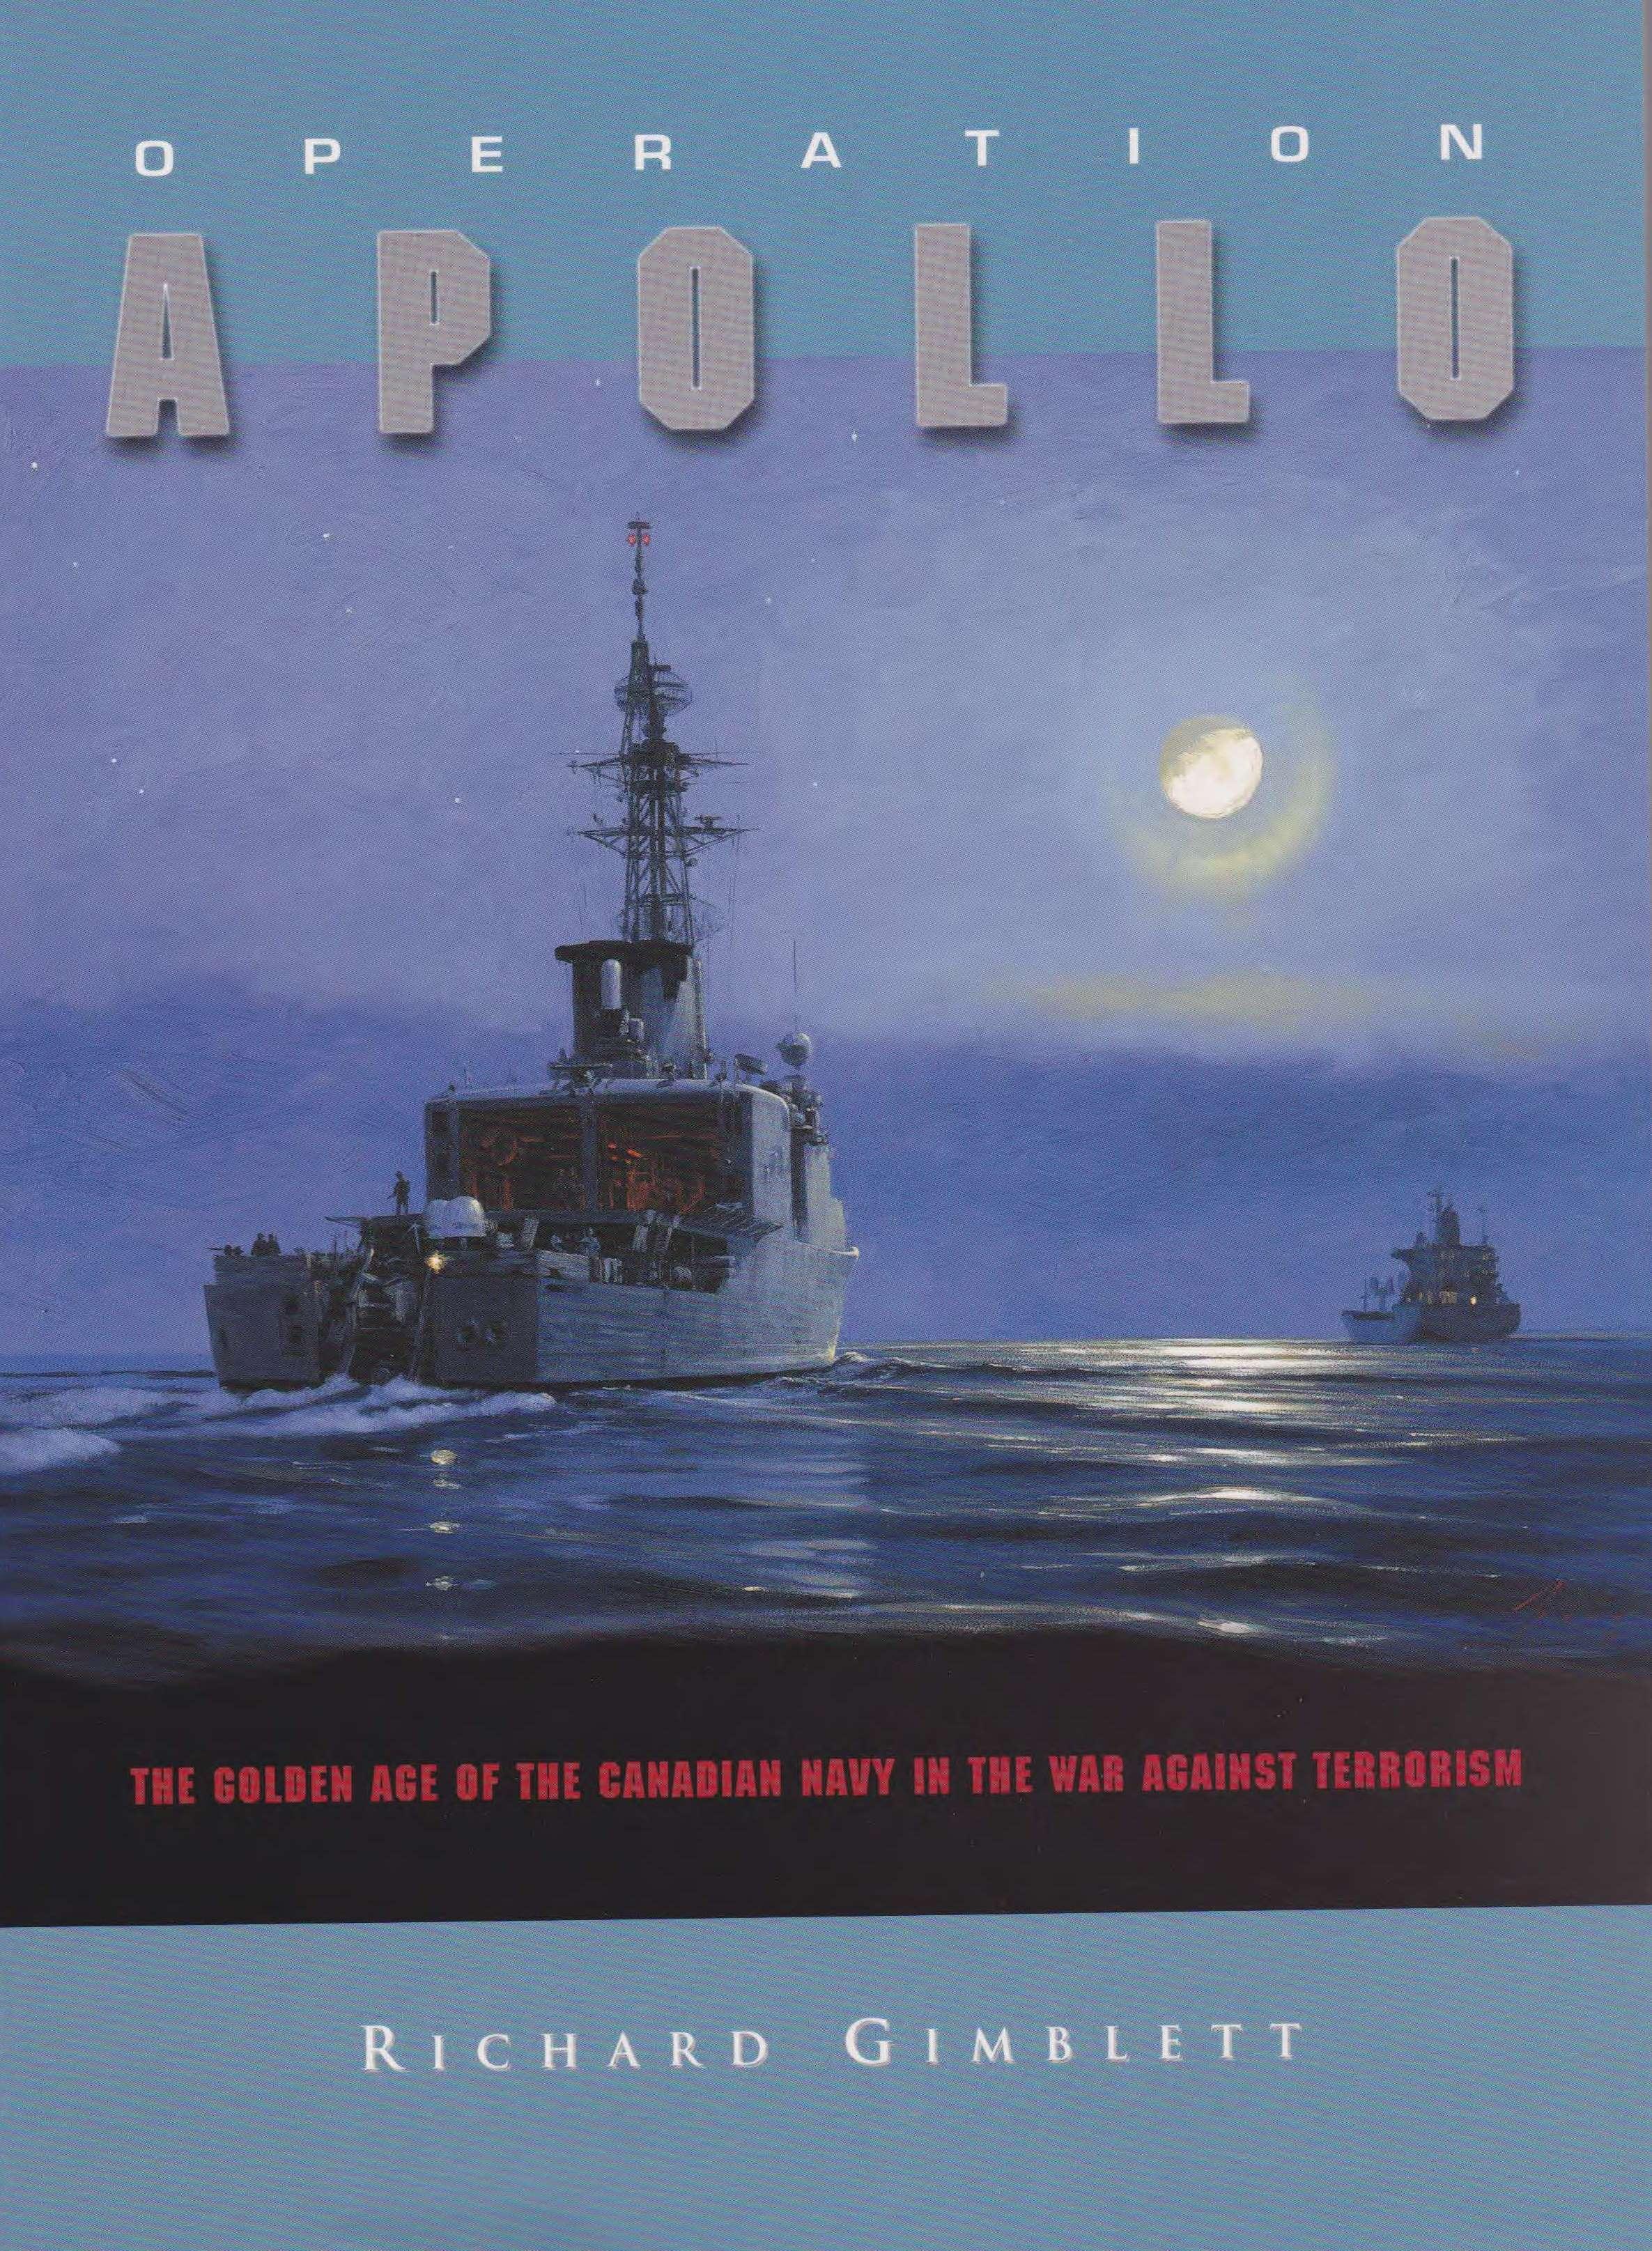 Op Apollo